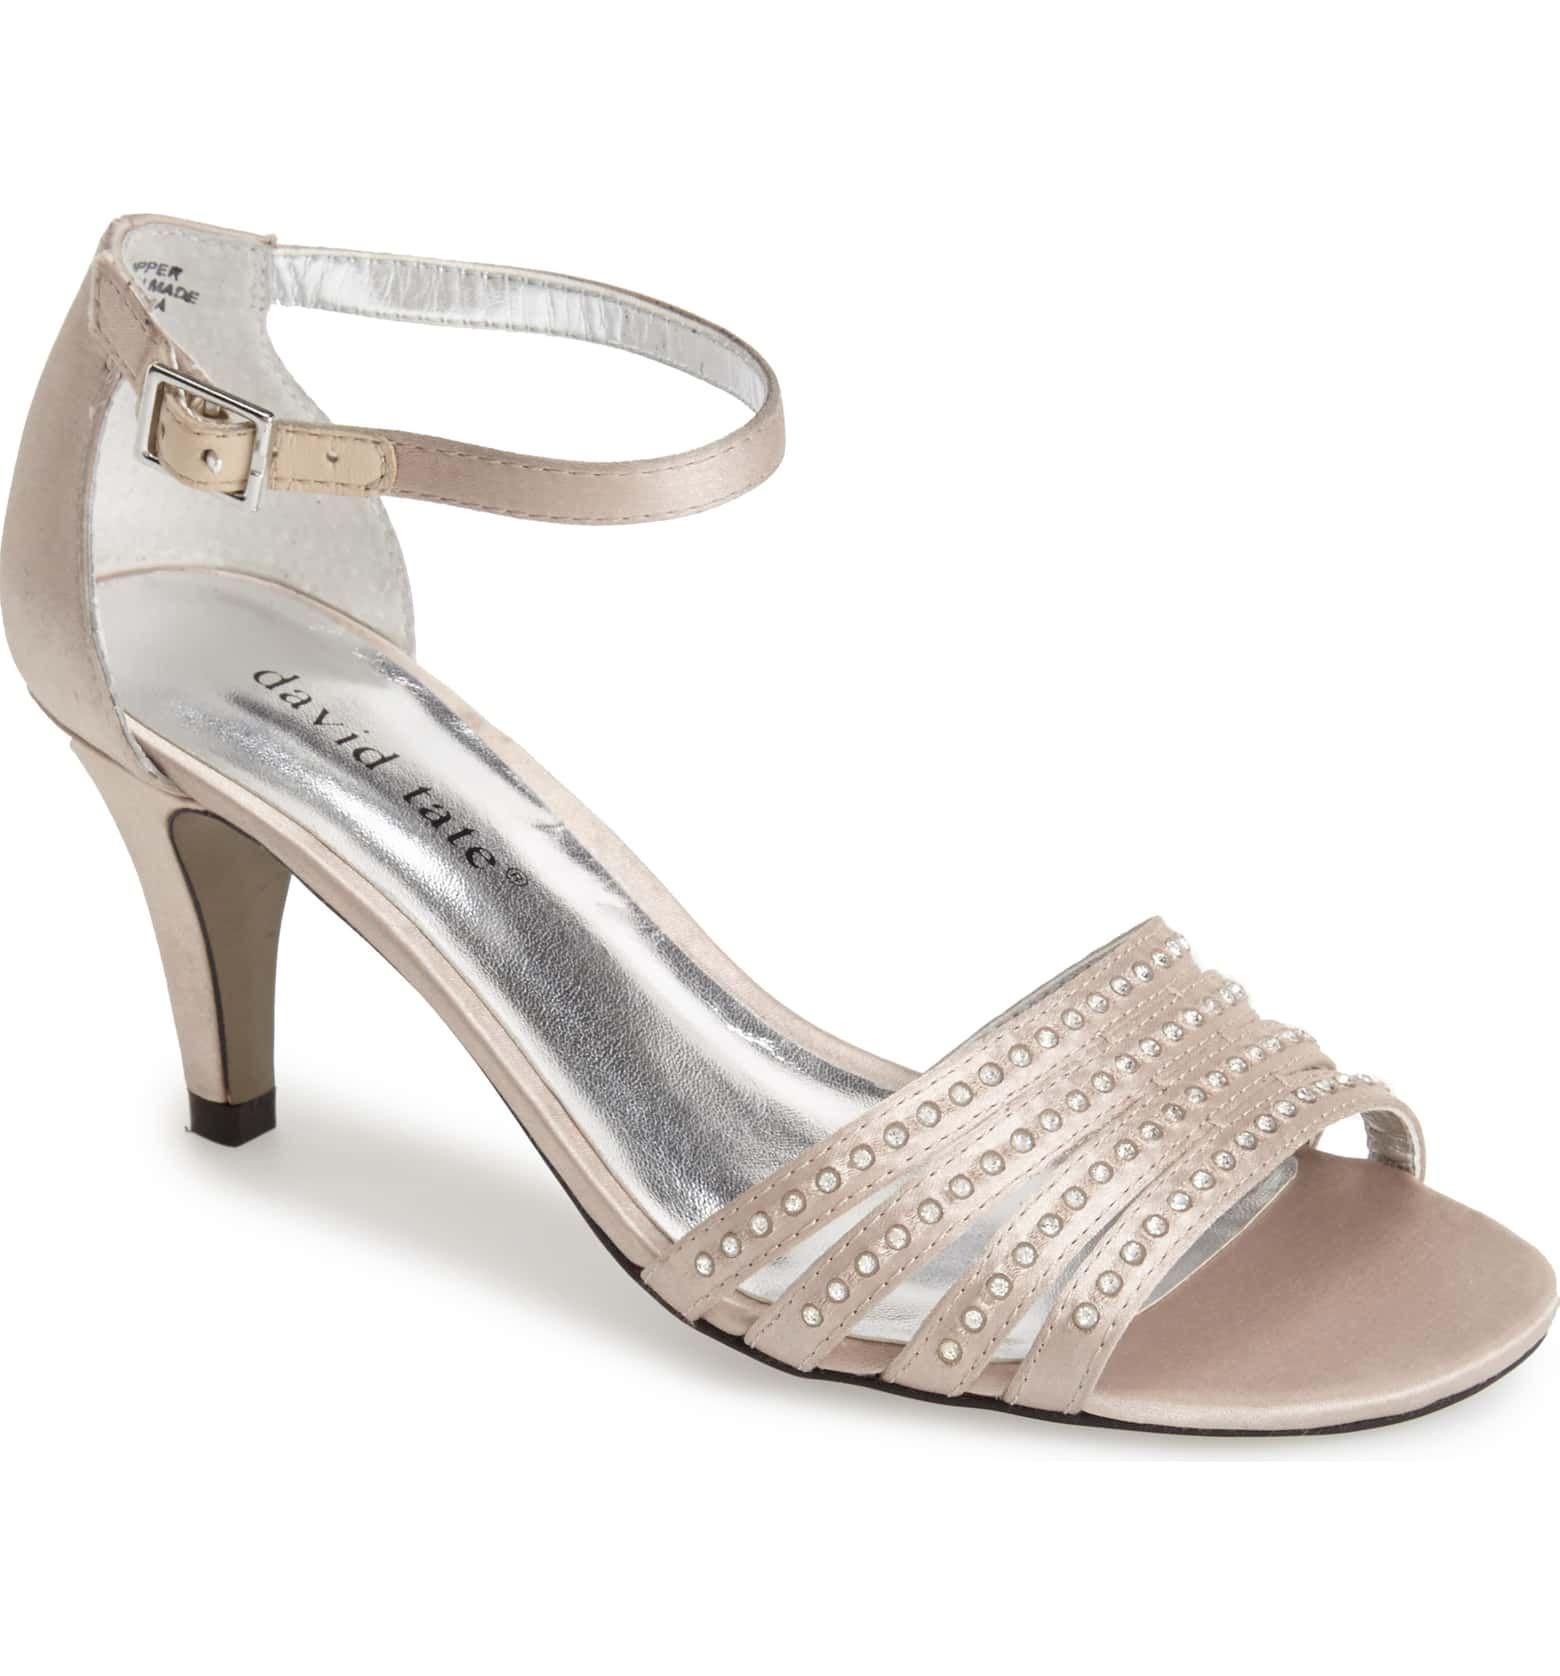 Terra' Ankle Strap Sandal in Champagne